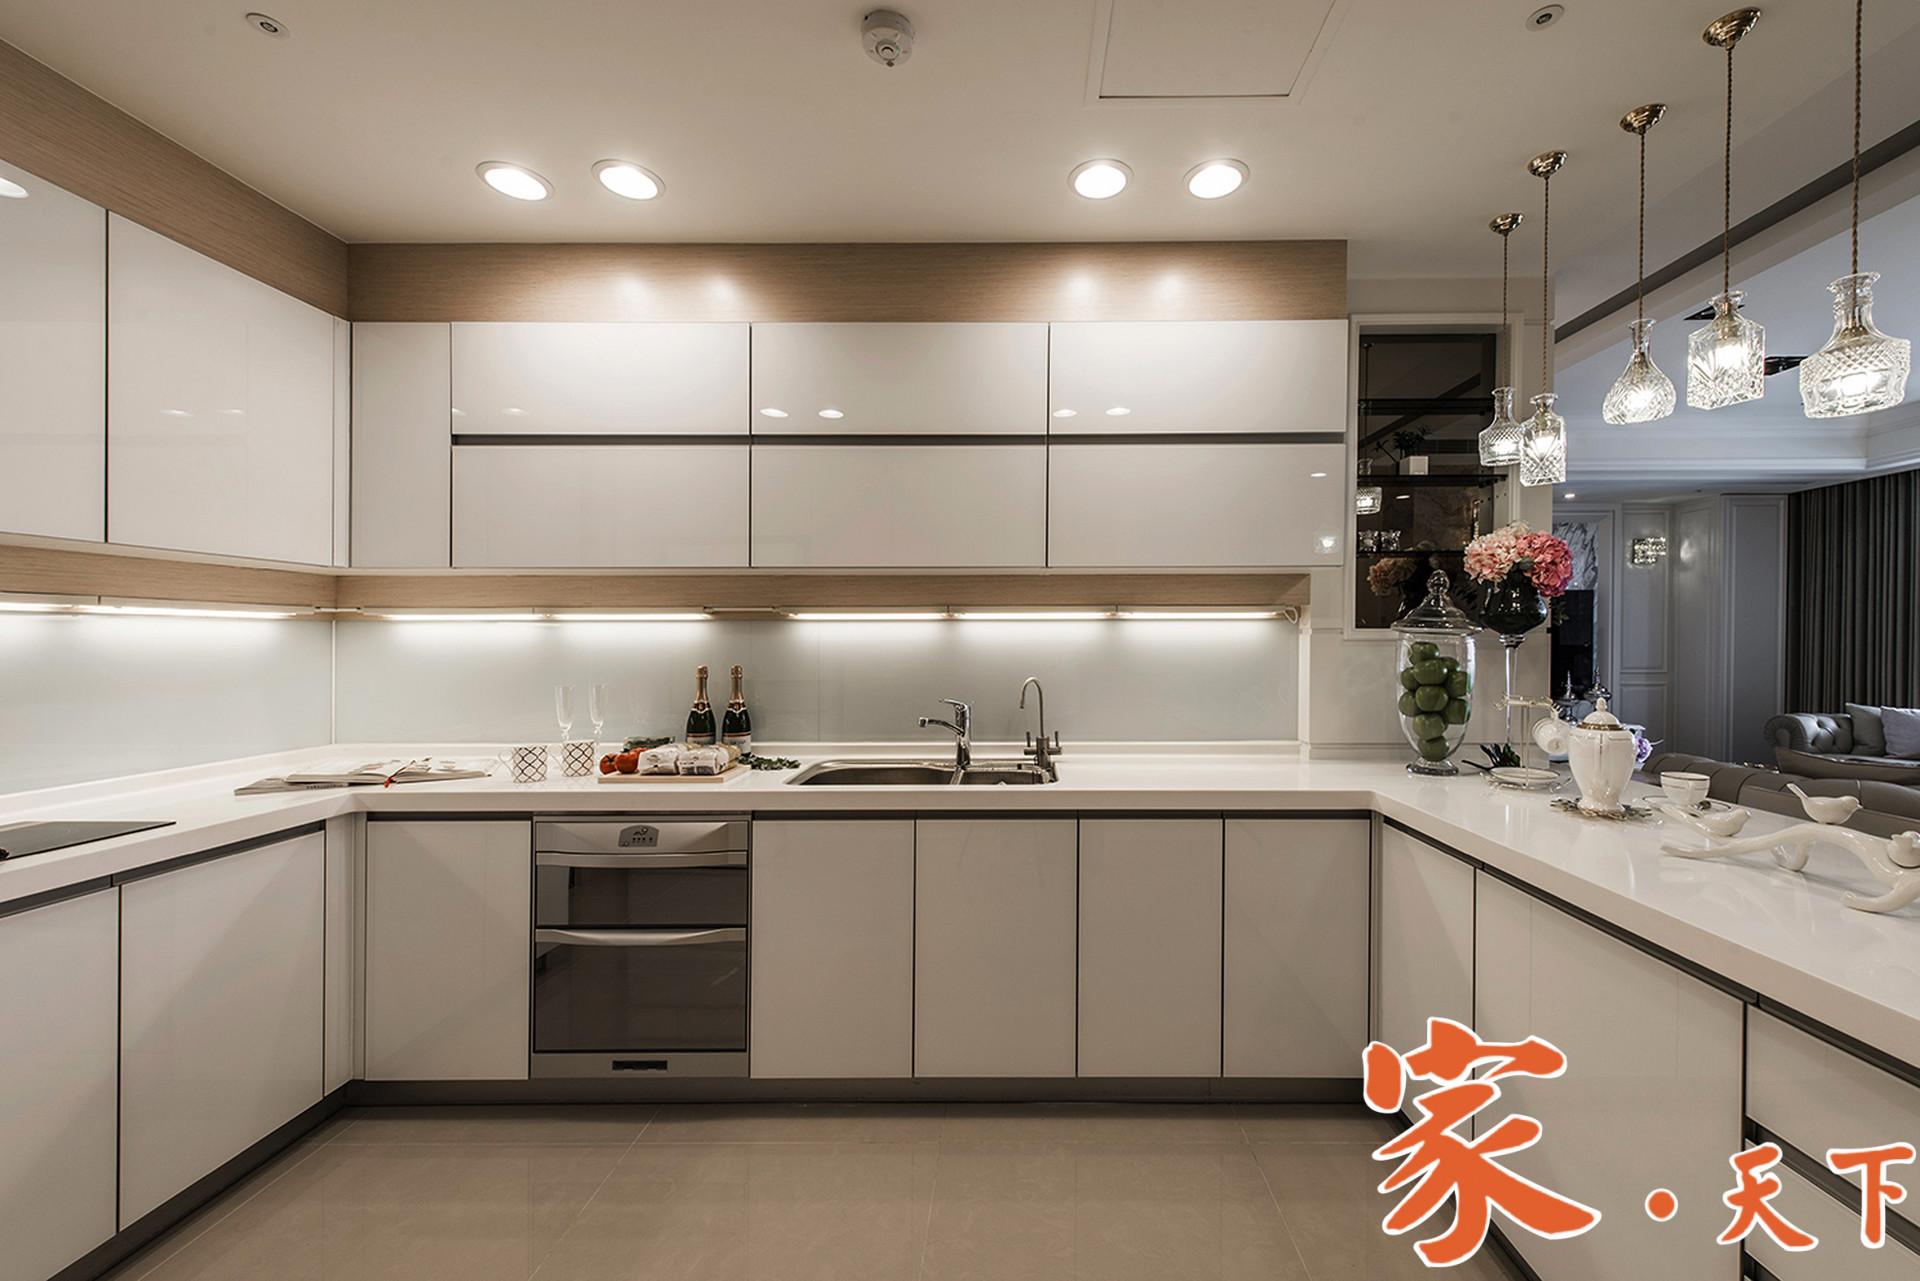 纽约暖心装修公司,专业施工团队,业务包括:房屋加建改建、室内翻新、地板磁砖、厨房卫浴、油漆隔间、精细瓦木工、土库翻新等装修工程。